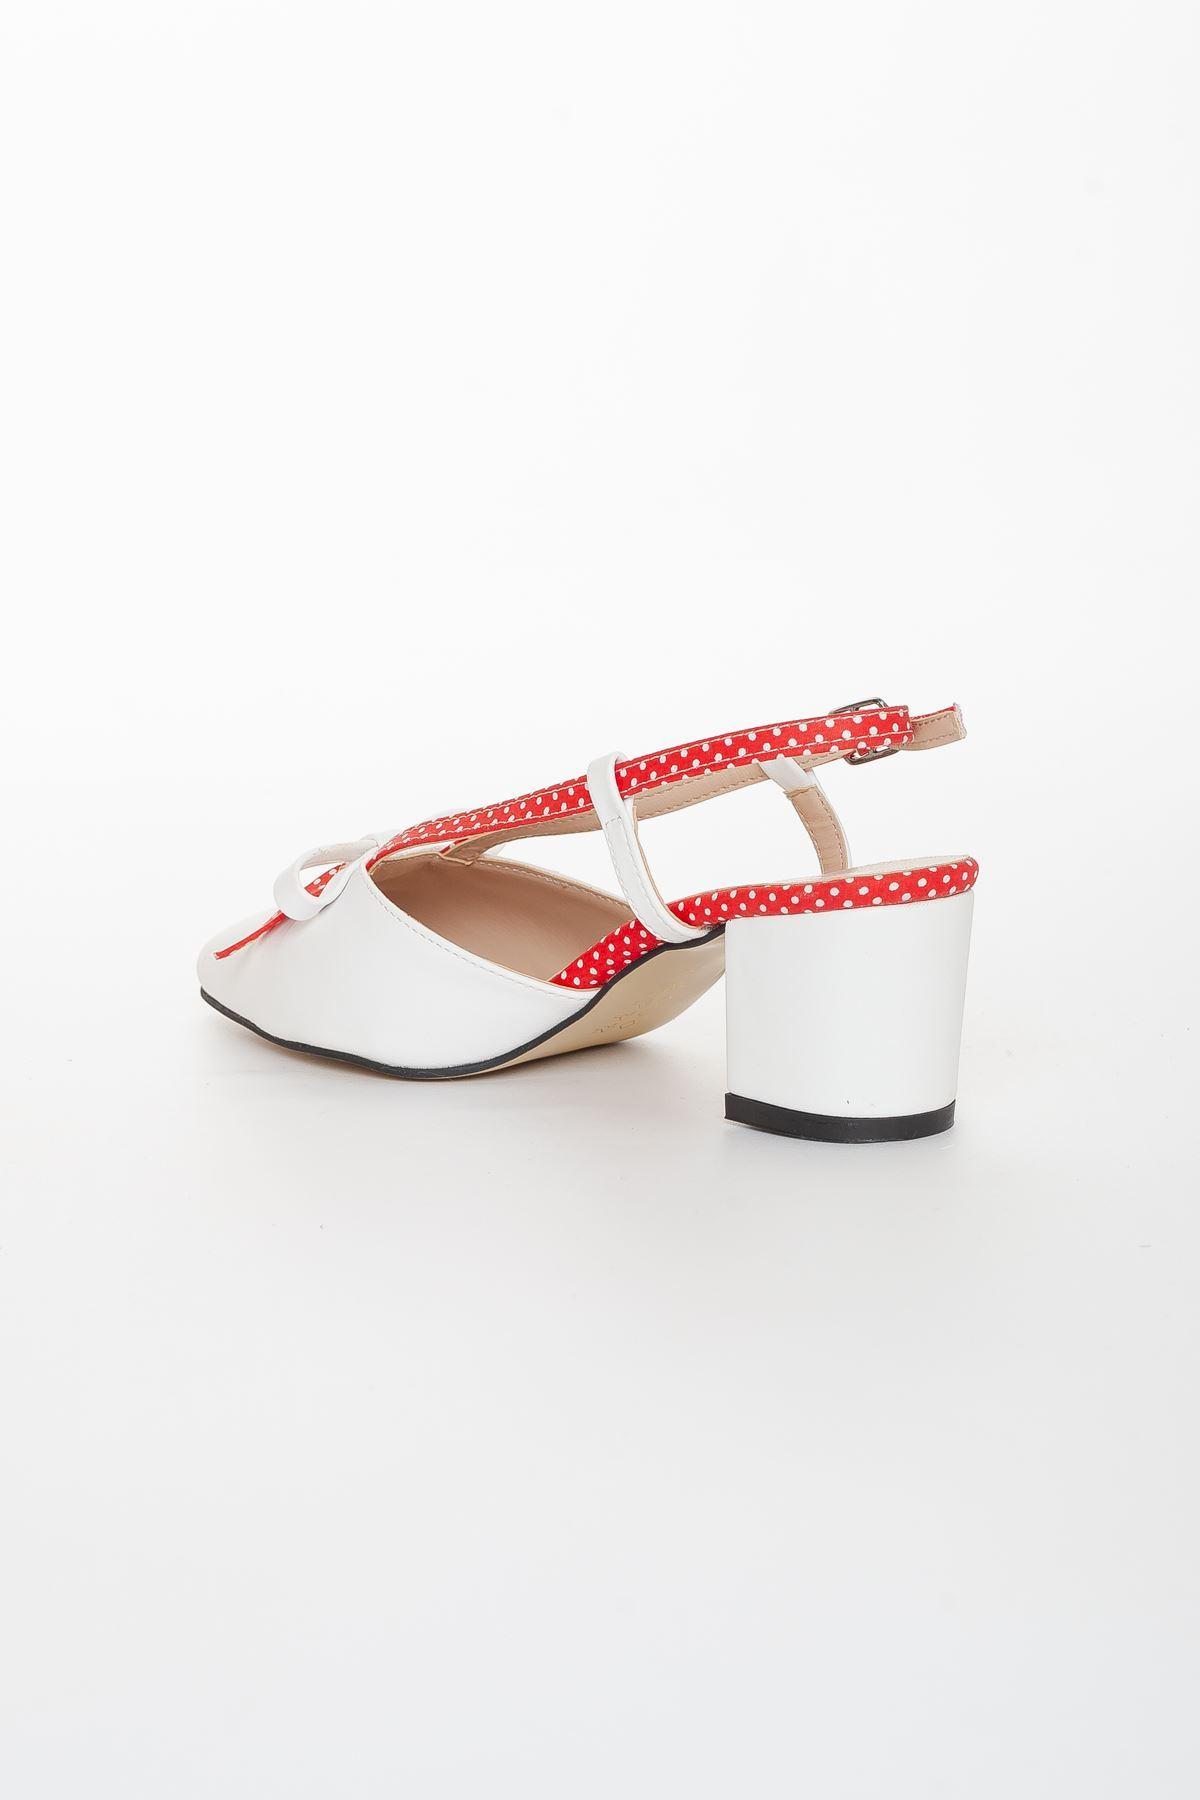 Asen Topuklu Ayakkabı BEYAZ-KIRMIZI